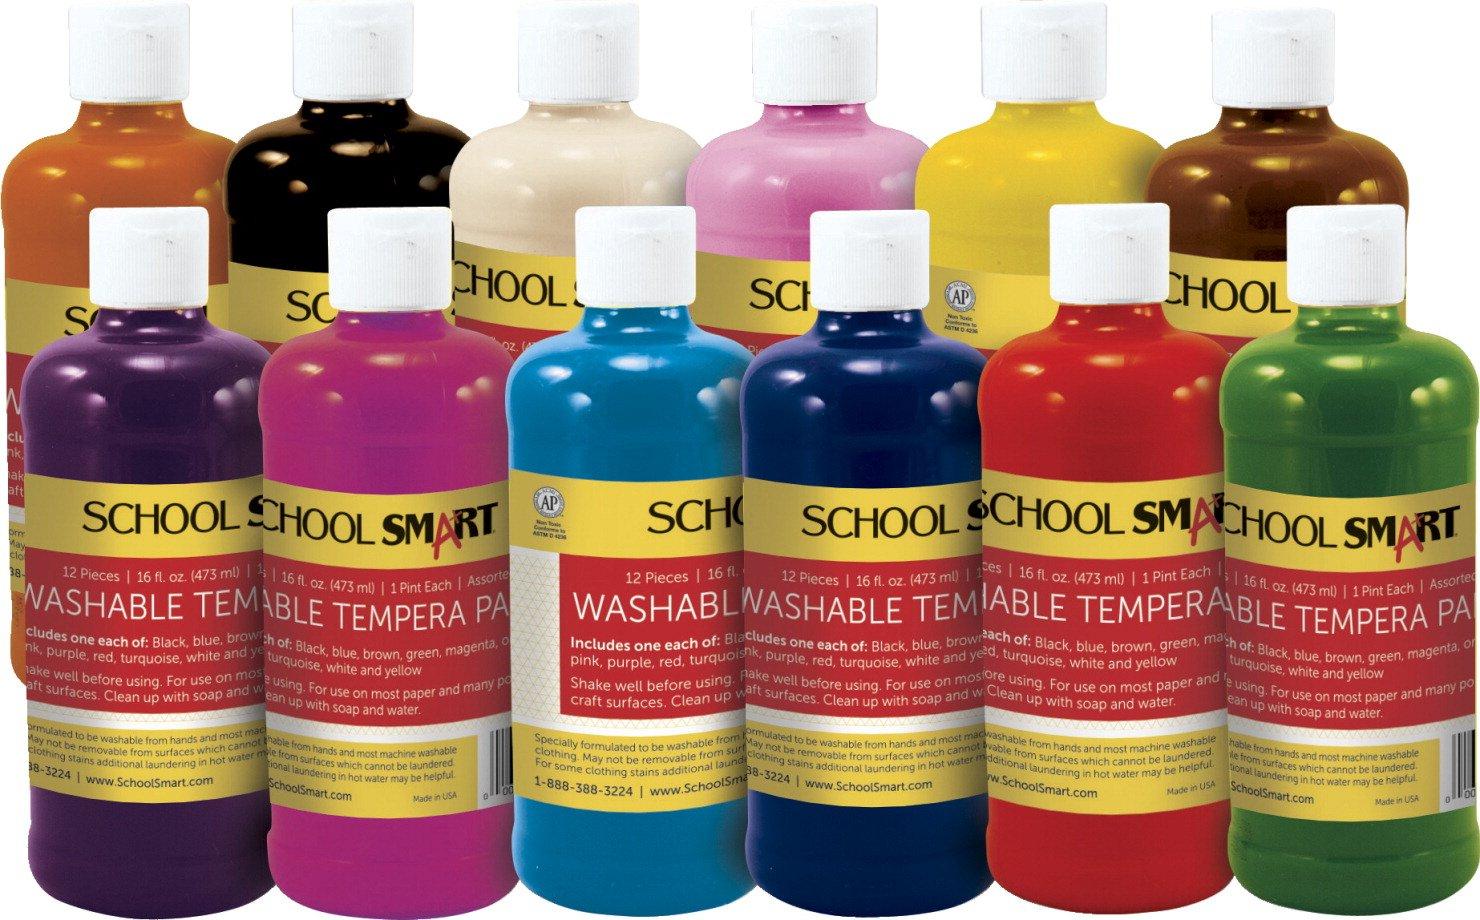 School Smart Non-Toxic Washable Tempera Paint Set, 1 pt Plastic Bottle, Assorted Color, Set of 12